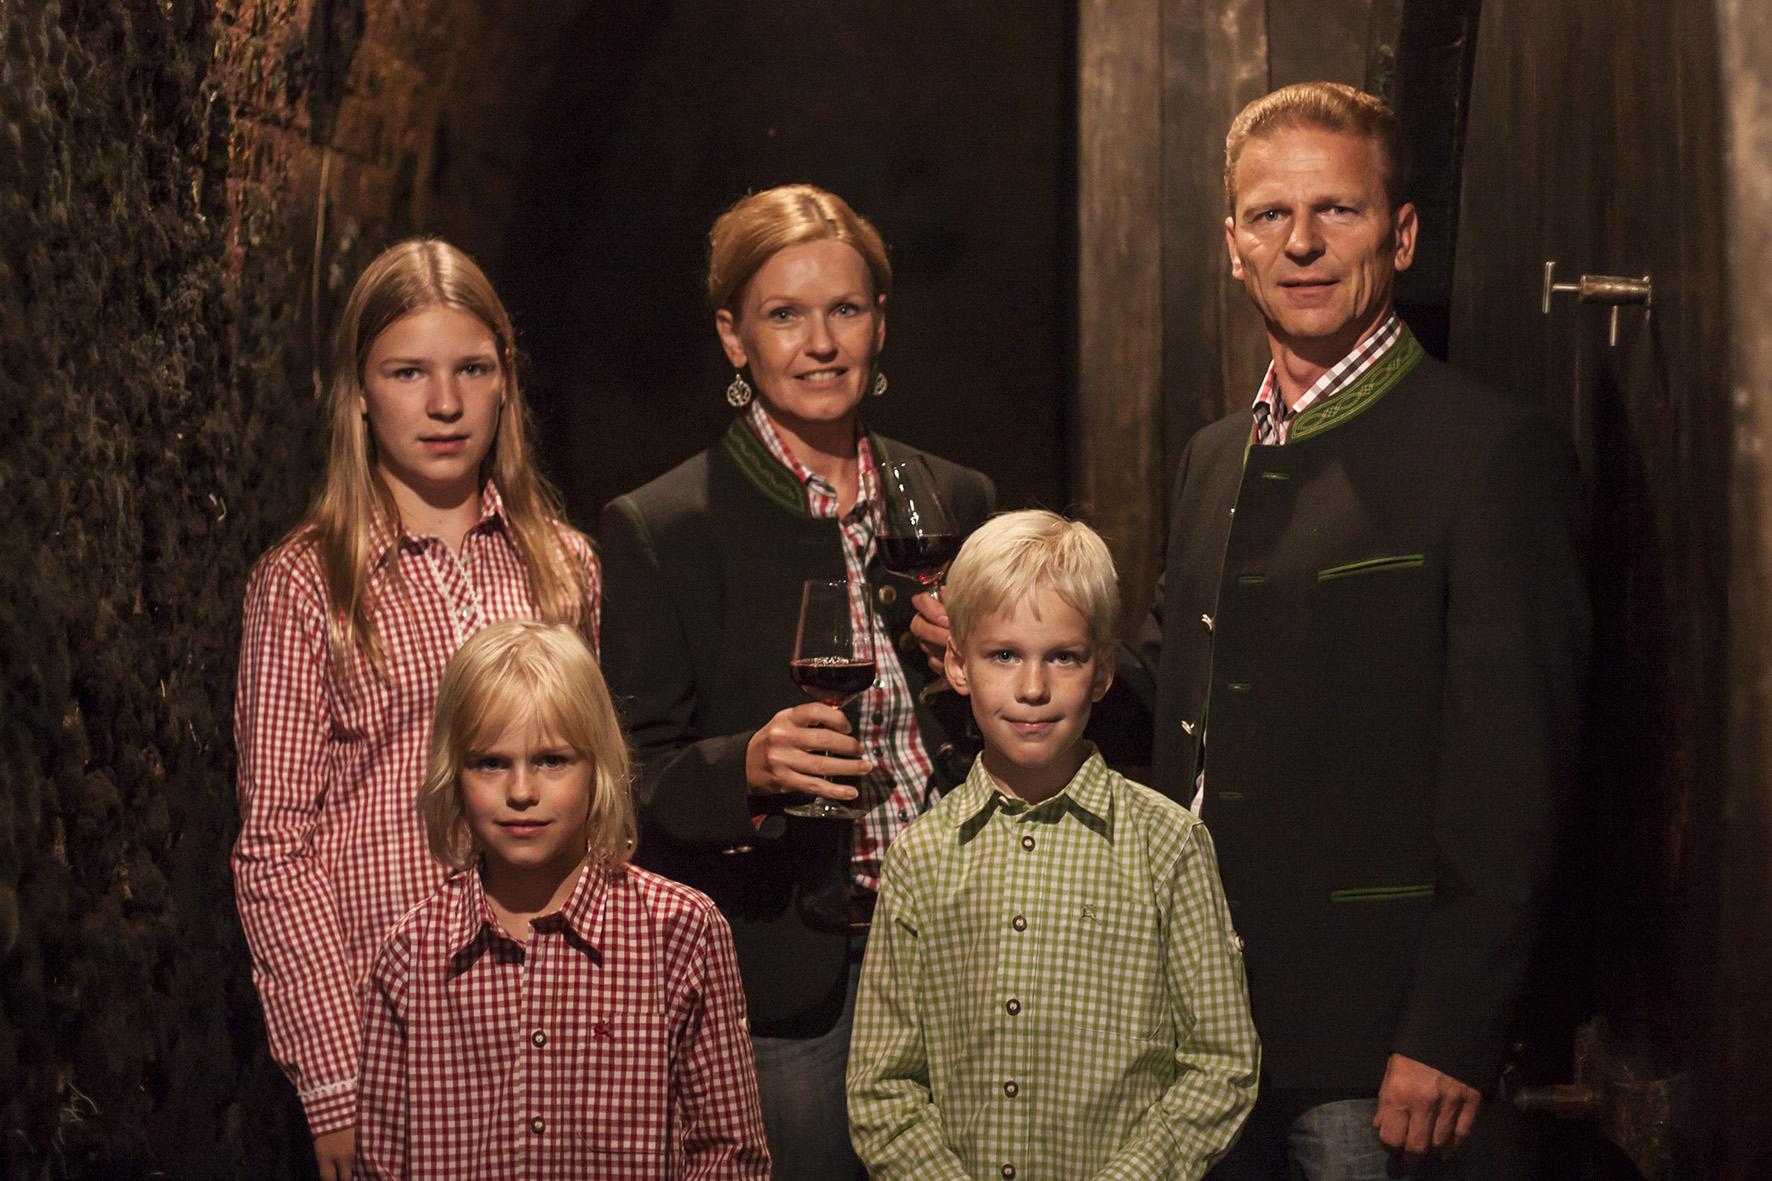 Familie Weiß im Weinkeller